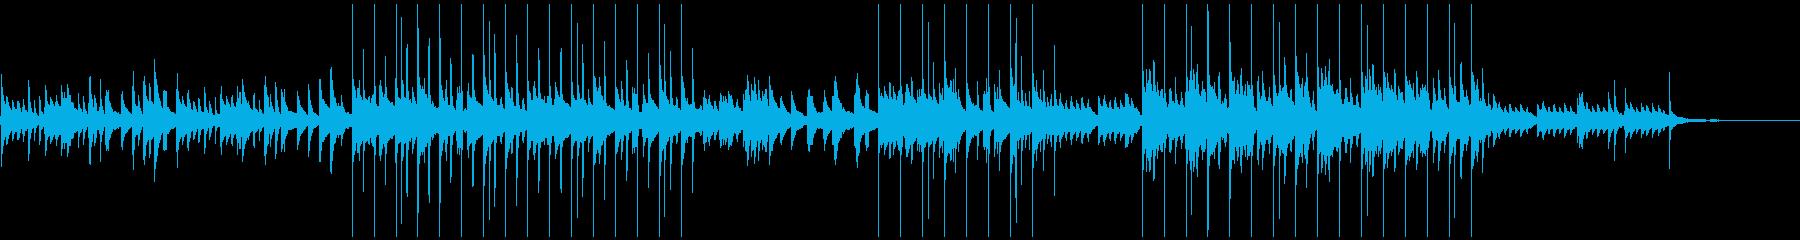 ピアノ・感動的・エンディング・再会の再生済みの波形